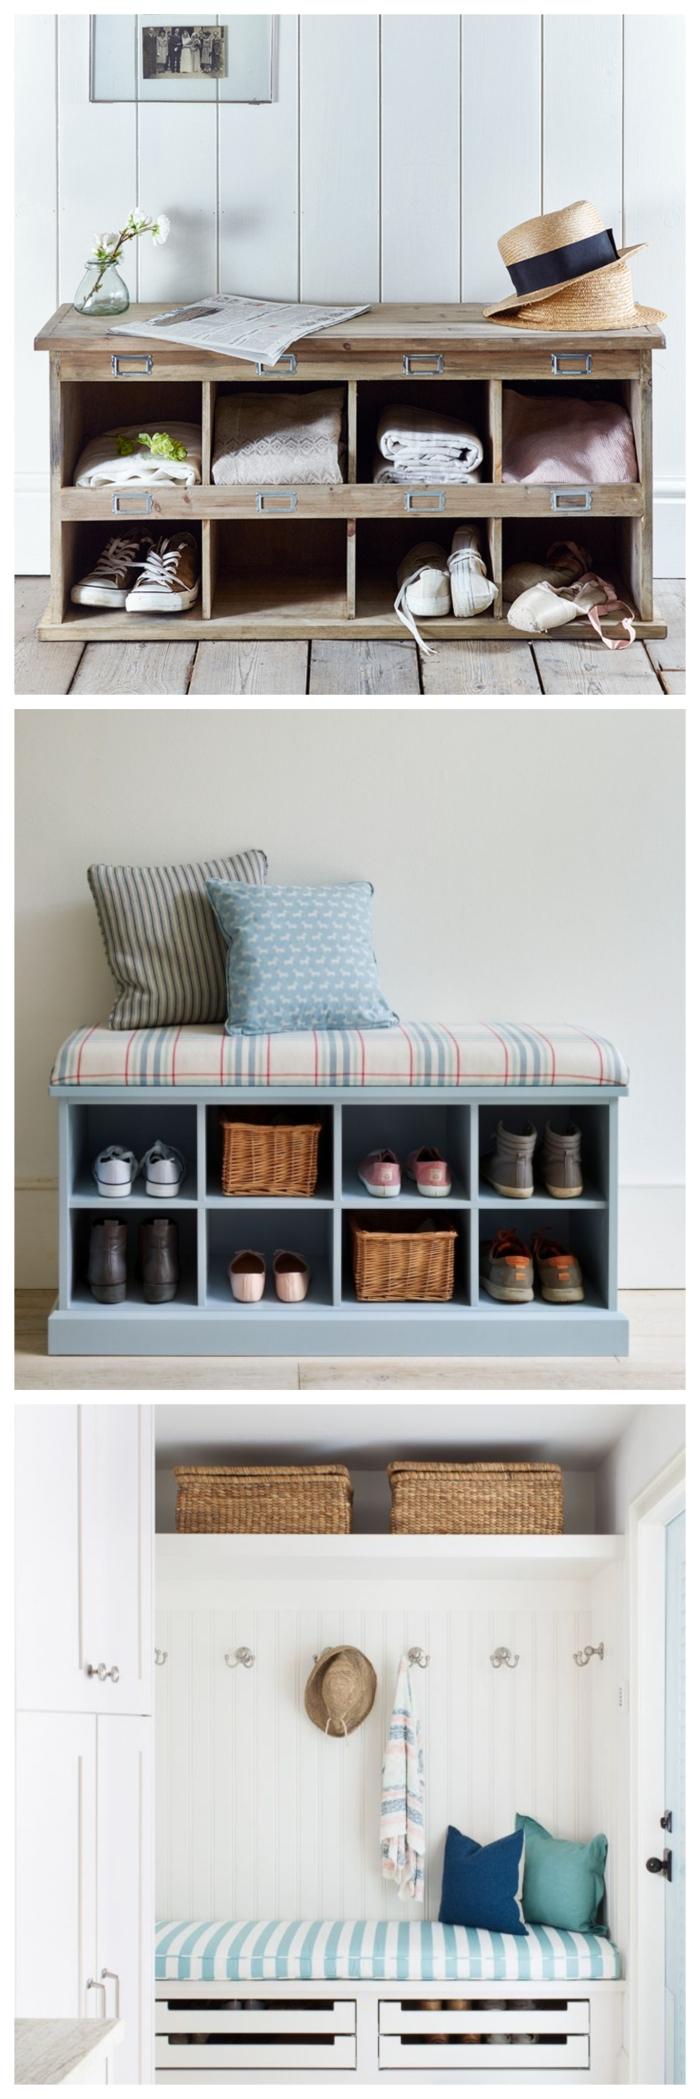 idée pour un banc a chaussure fonctionnel avec plusieurs casiers de rangement, aménagement d'une petite entrée fonctionnelle